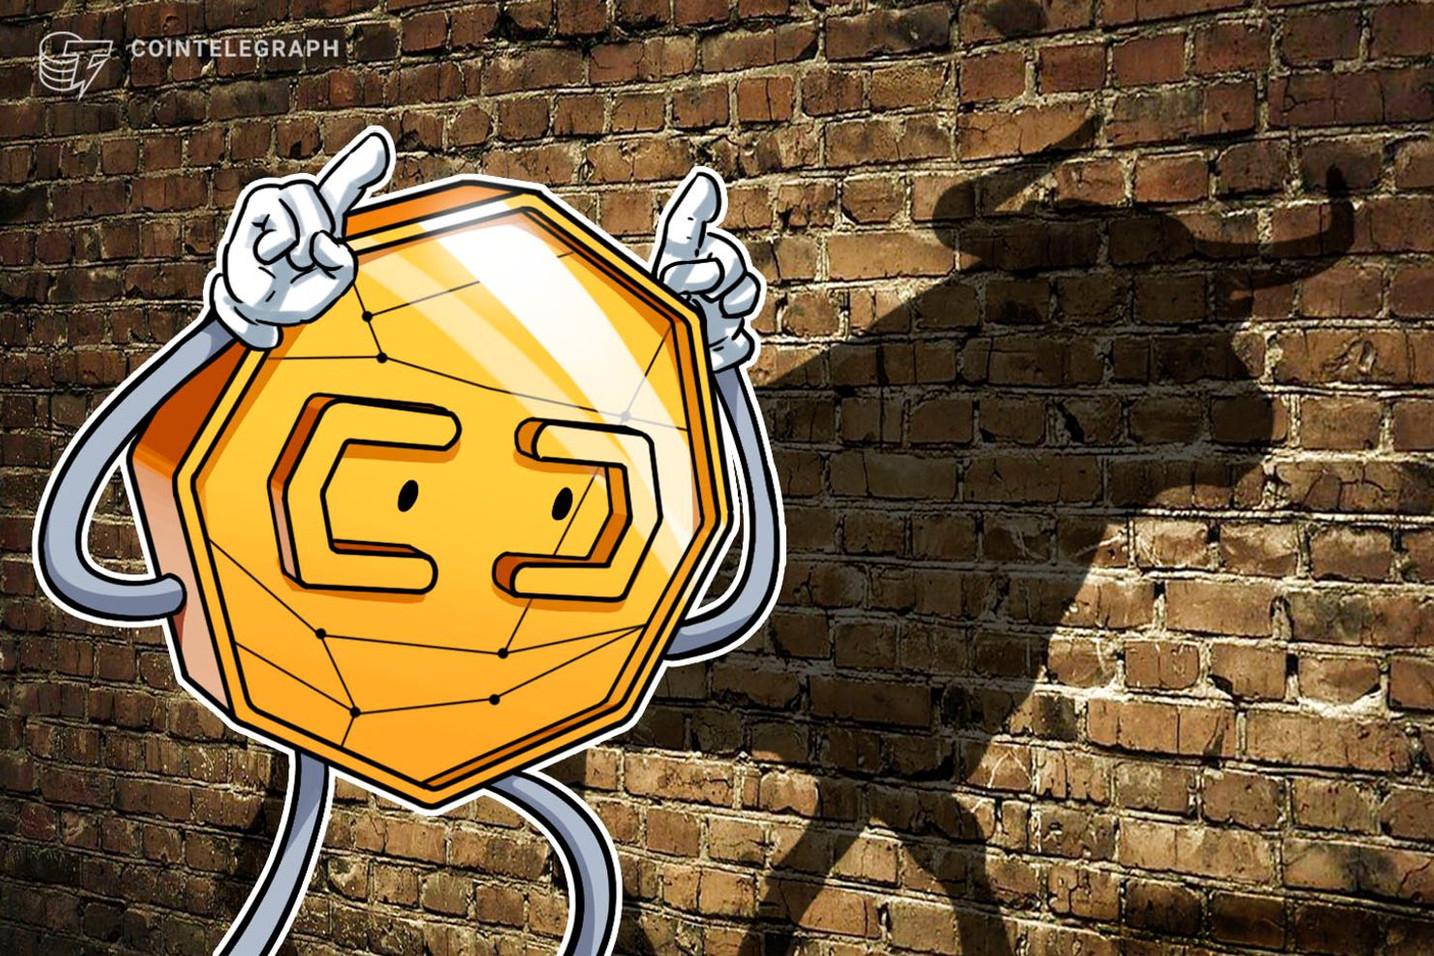 仮想通貨ヘッジファンド 4Qのリターンは過去最低も ビットコインのガチホ組よりは上出来か